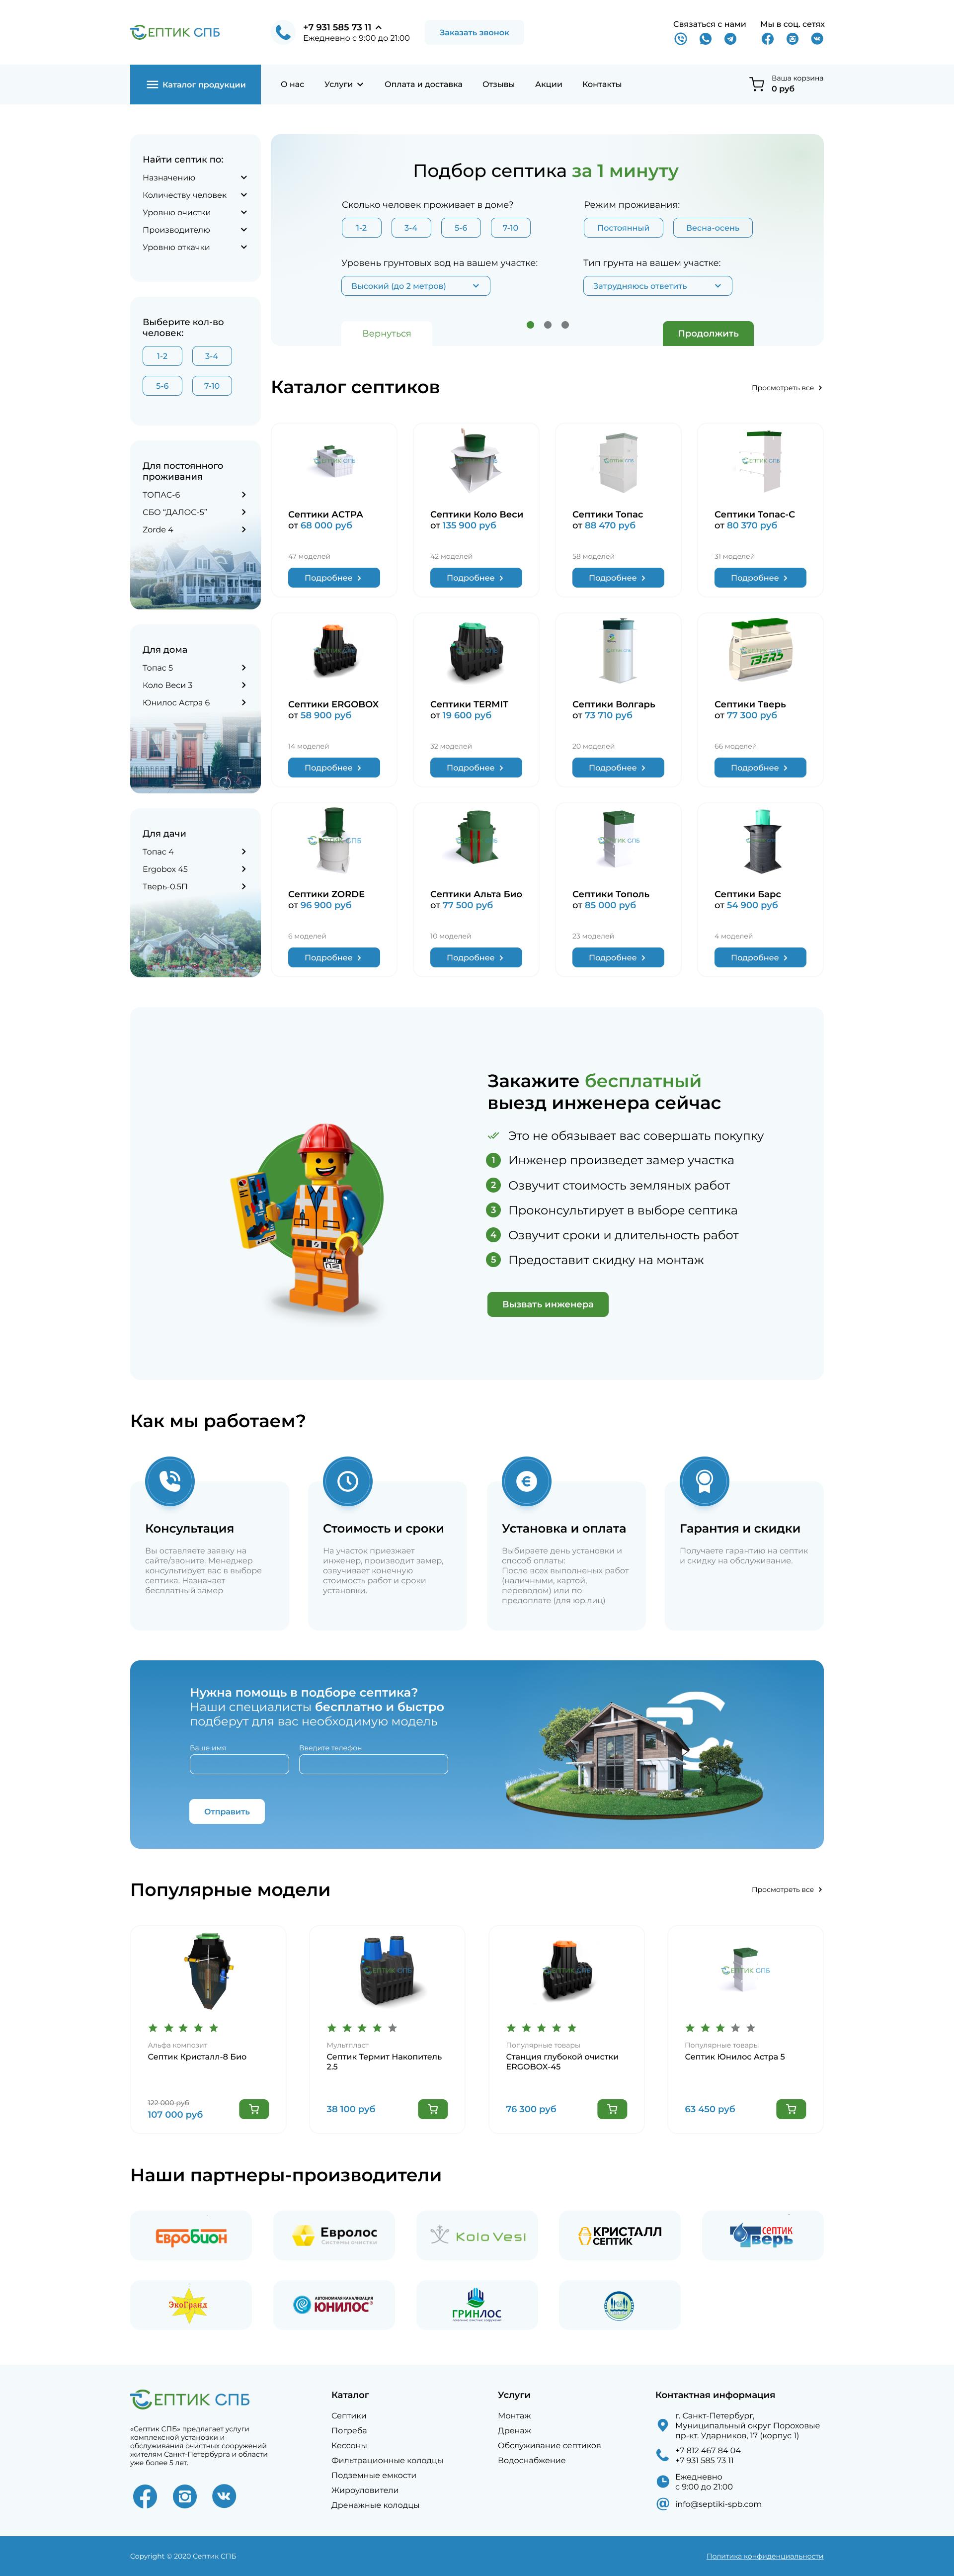 Редизайн сайта (без смены блочной страктуры) фото f_25160ce543e85cb1.png